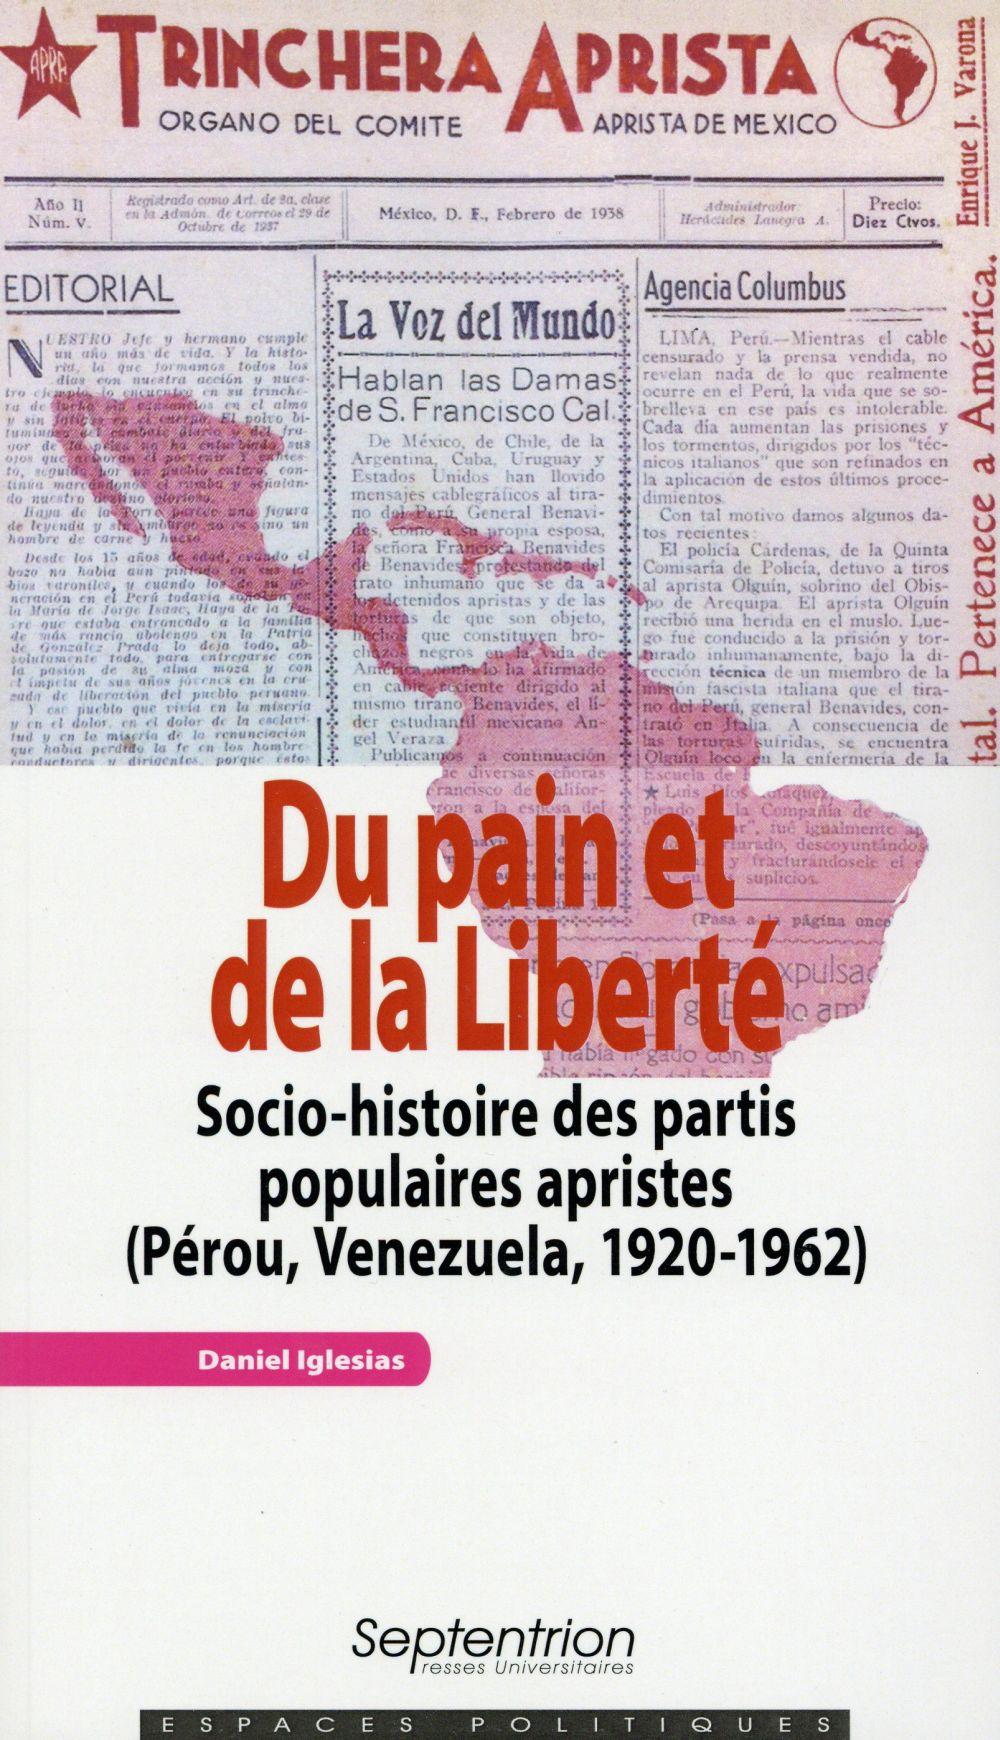 Du pain et de la liberte socio-histoire des partis populaires apristes - perou, venezuela, 1920-1962